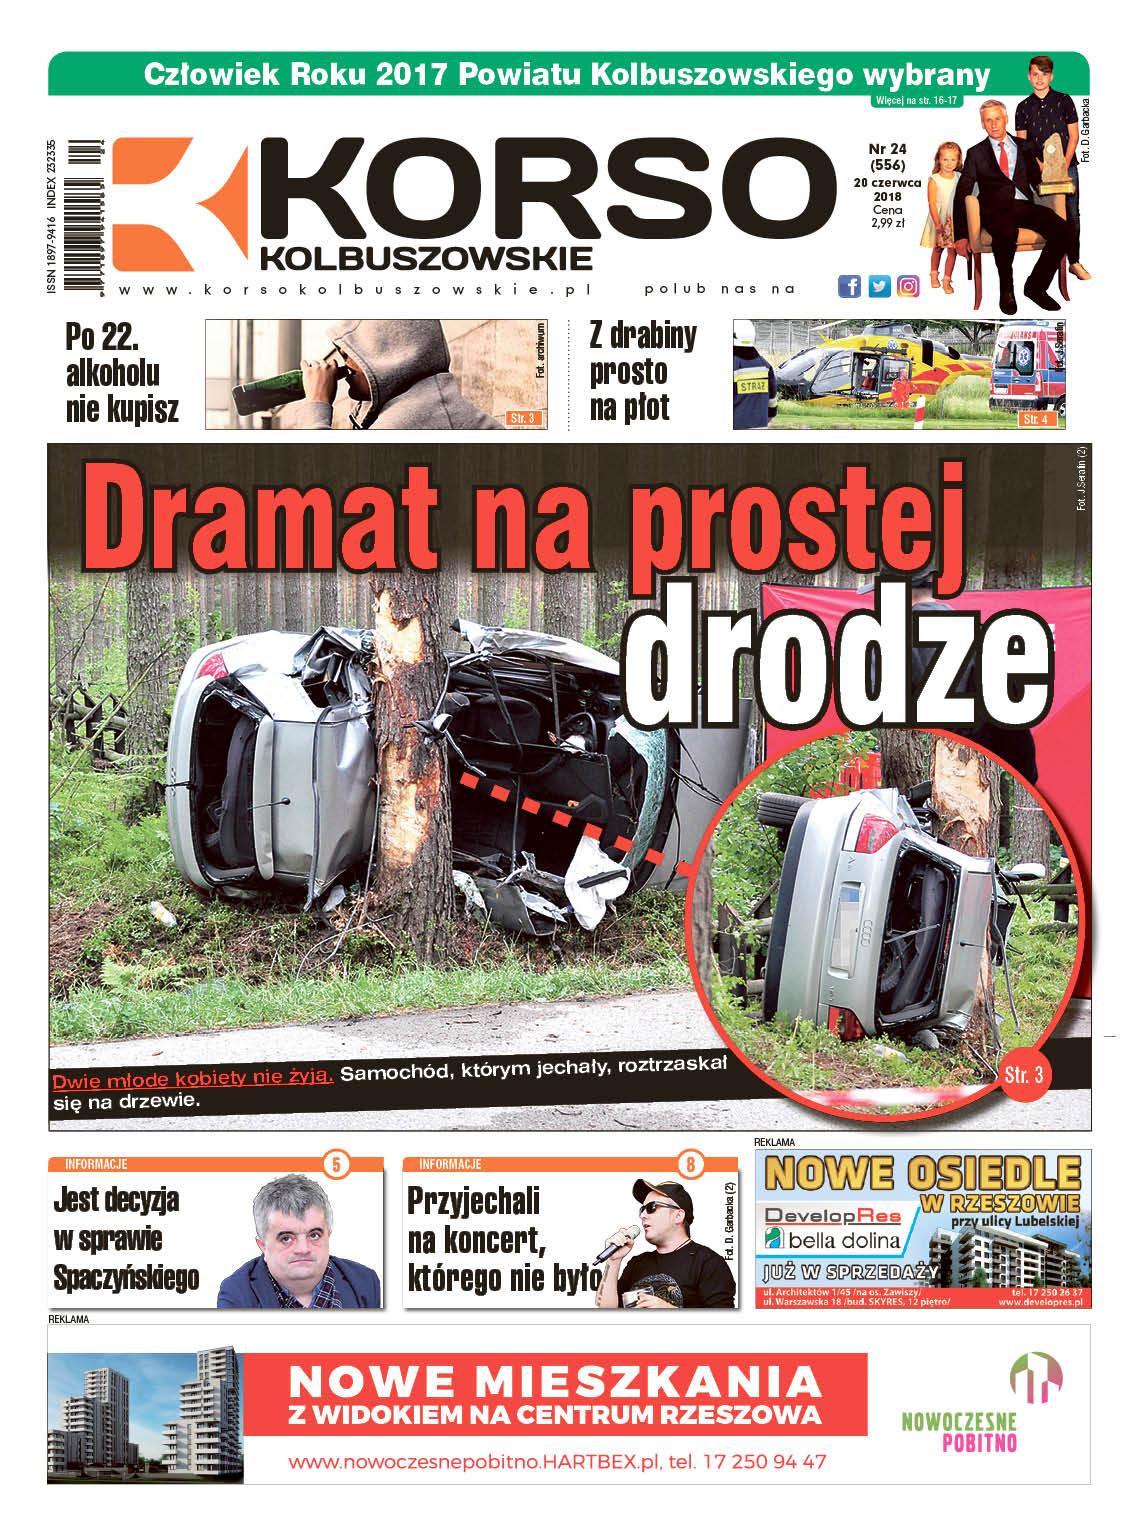 Korso Kolbuszowskie - nr 24/2018  - Zdjęcie główne